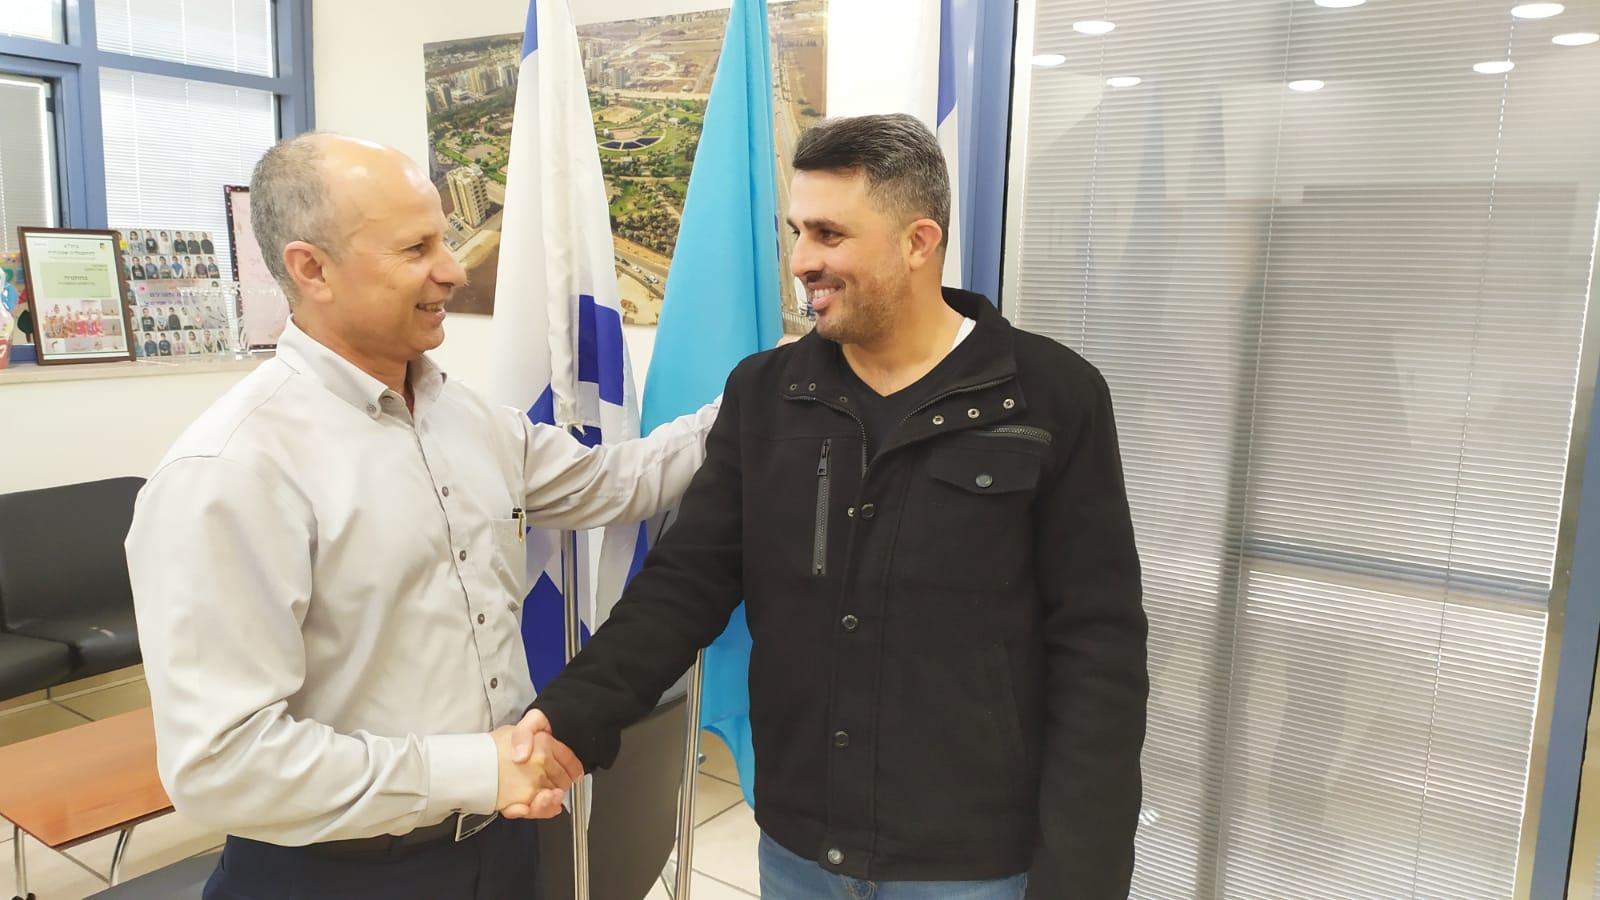 חבר המועצה מטעם סיעת הליכוד מוטי אלוש הצטרף לקואליציה